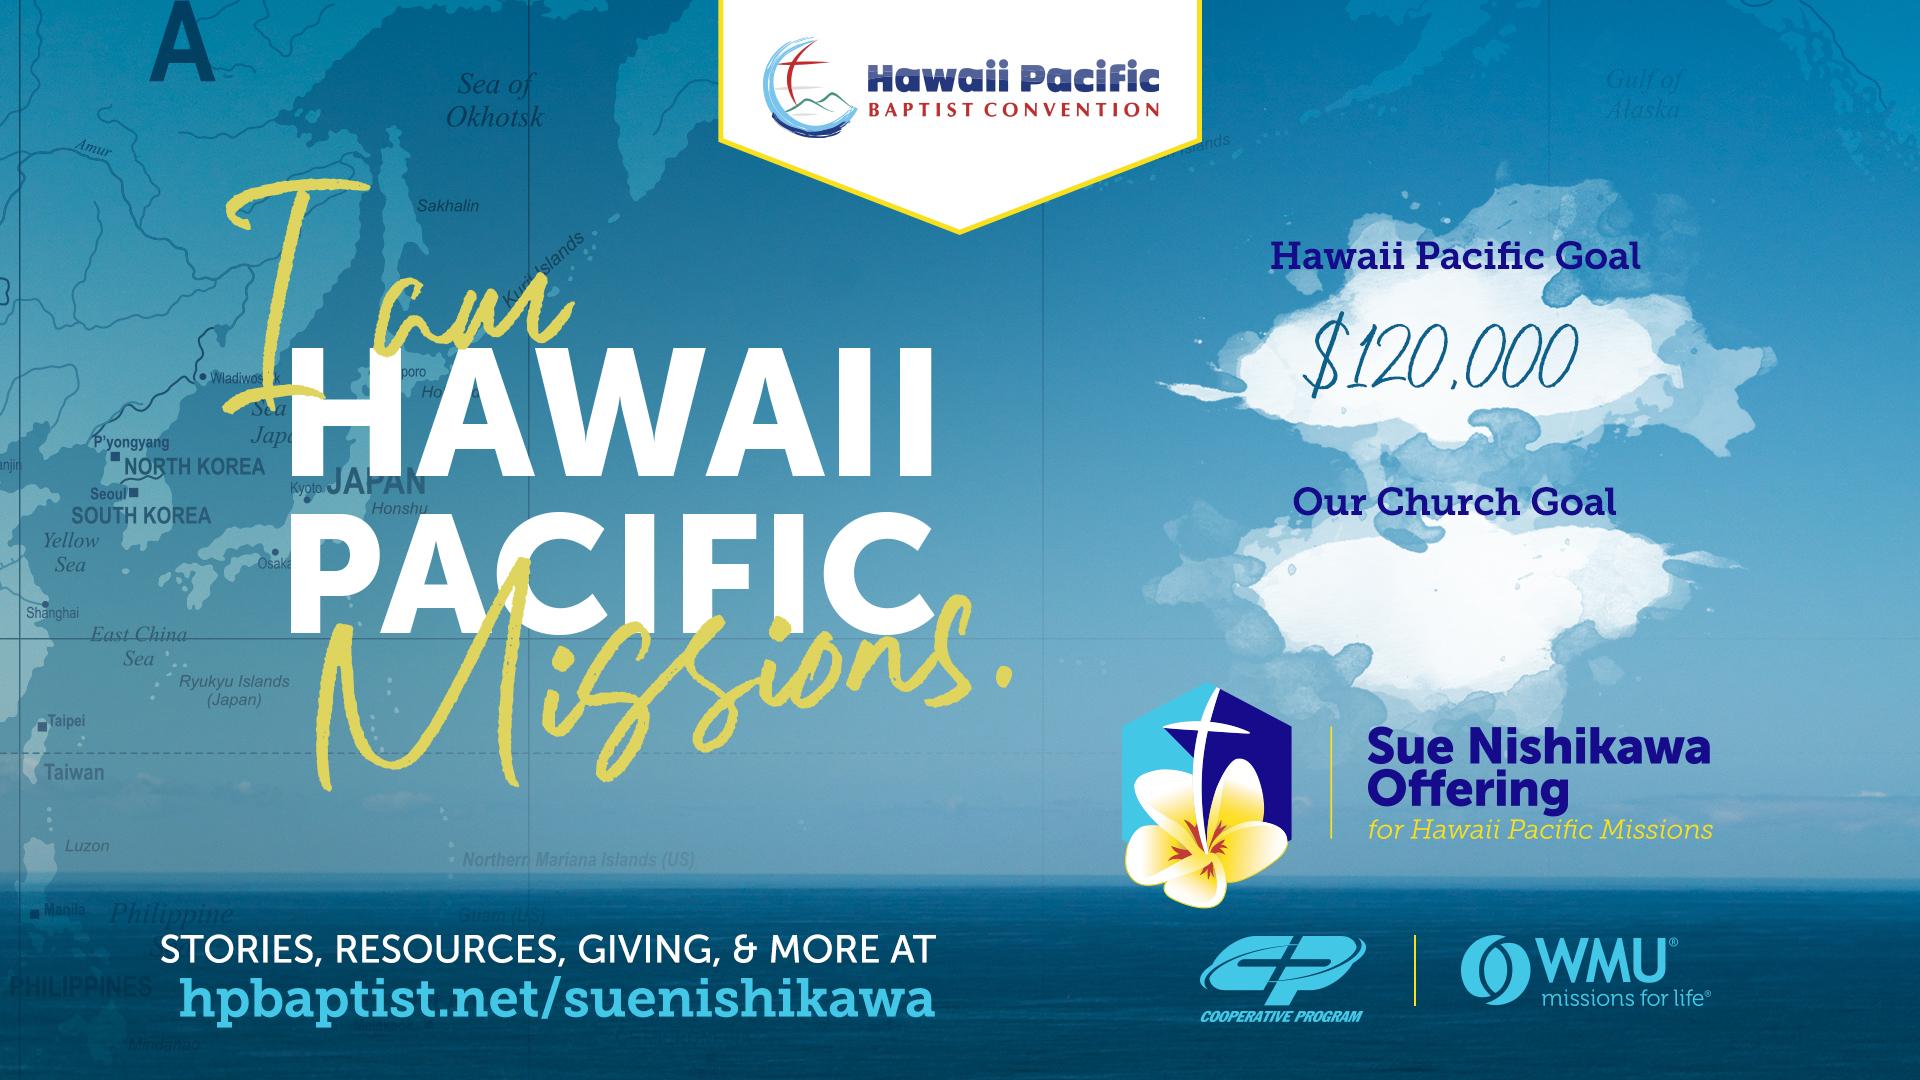 Sue Nishikawa Offering Ad Slide